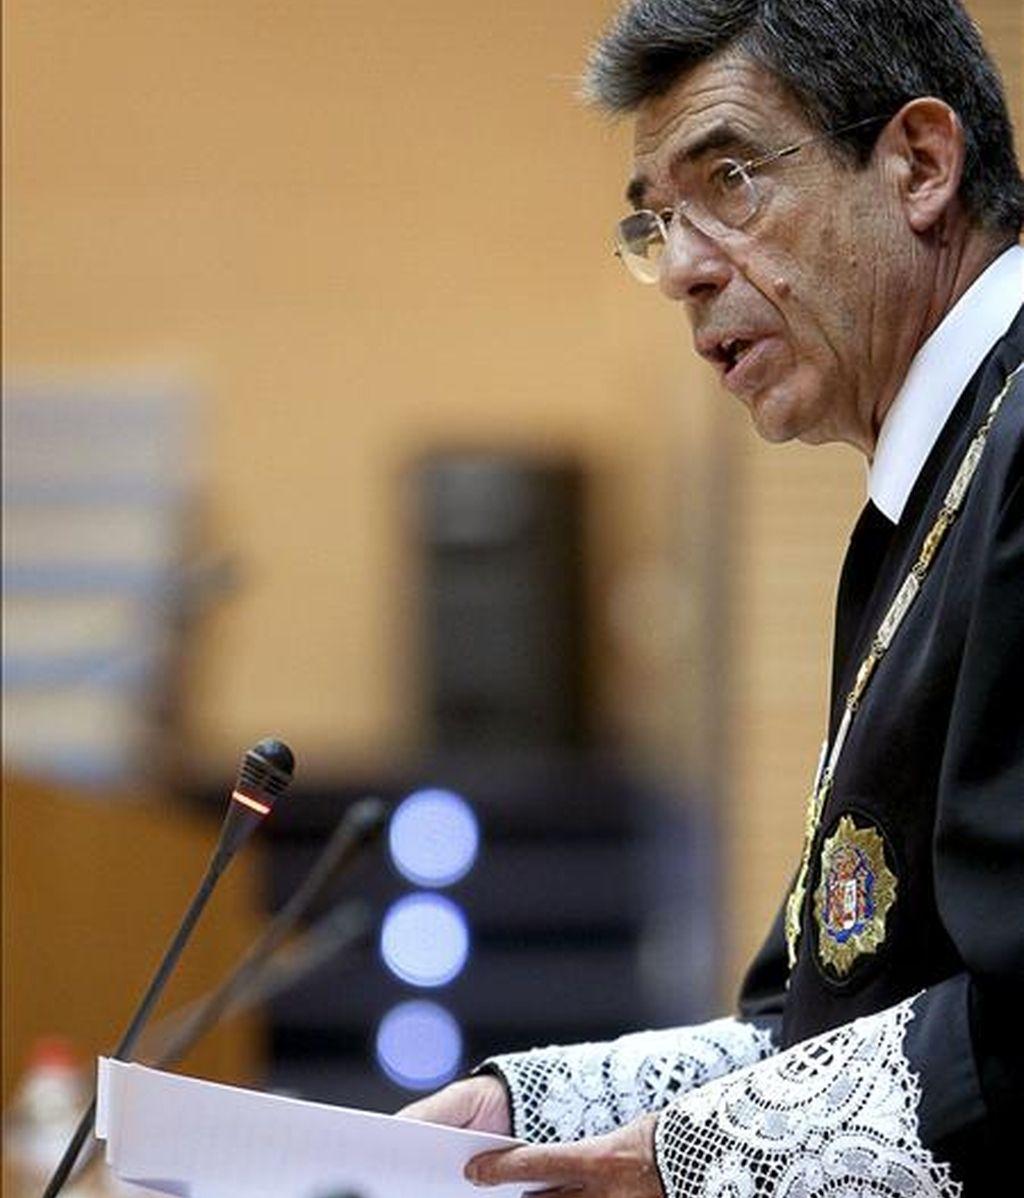 El presidente del Tribunal Superior de Justicia de la Comunidad Valenciana (TSJCV), Juan Luis de la Rúa. EFE/Archivo